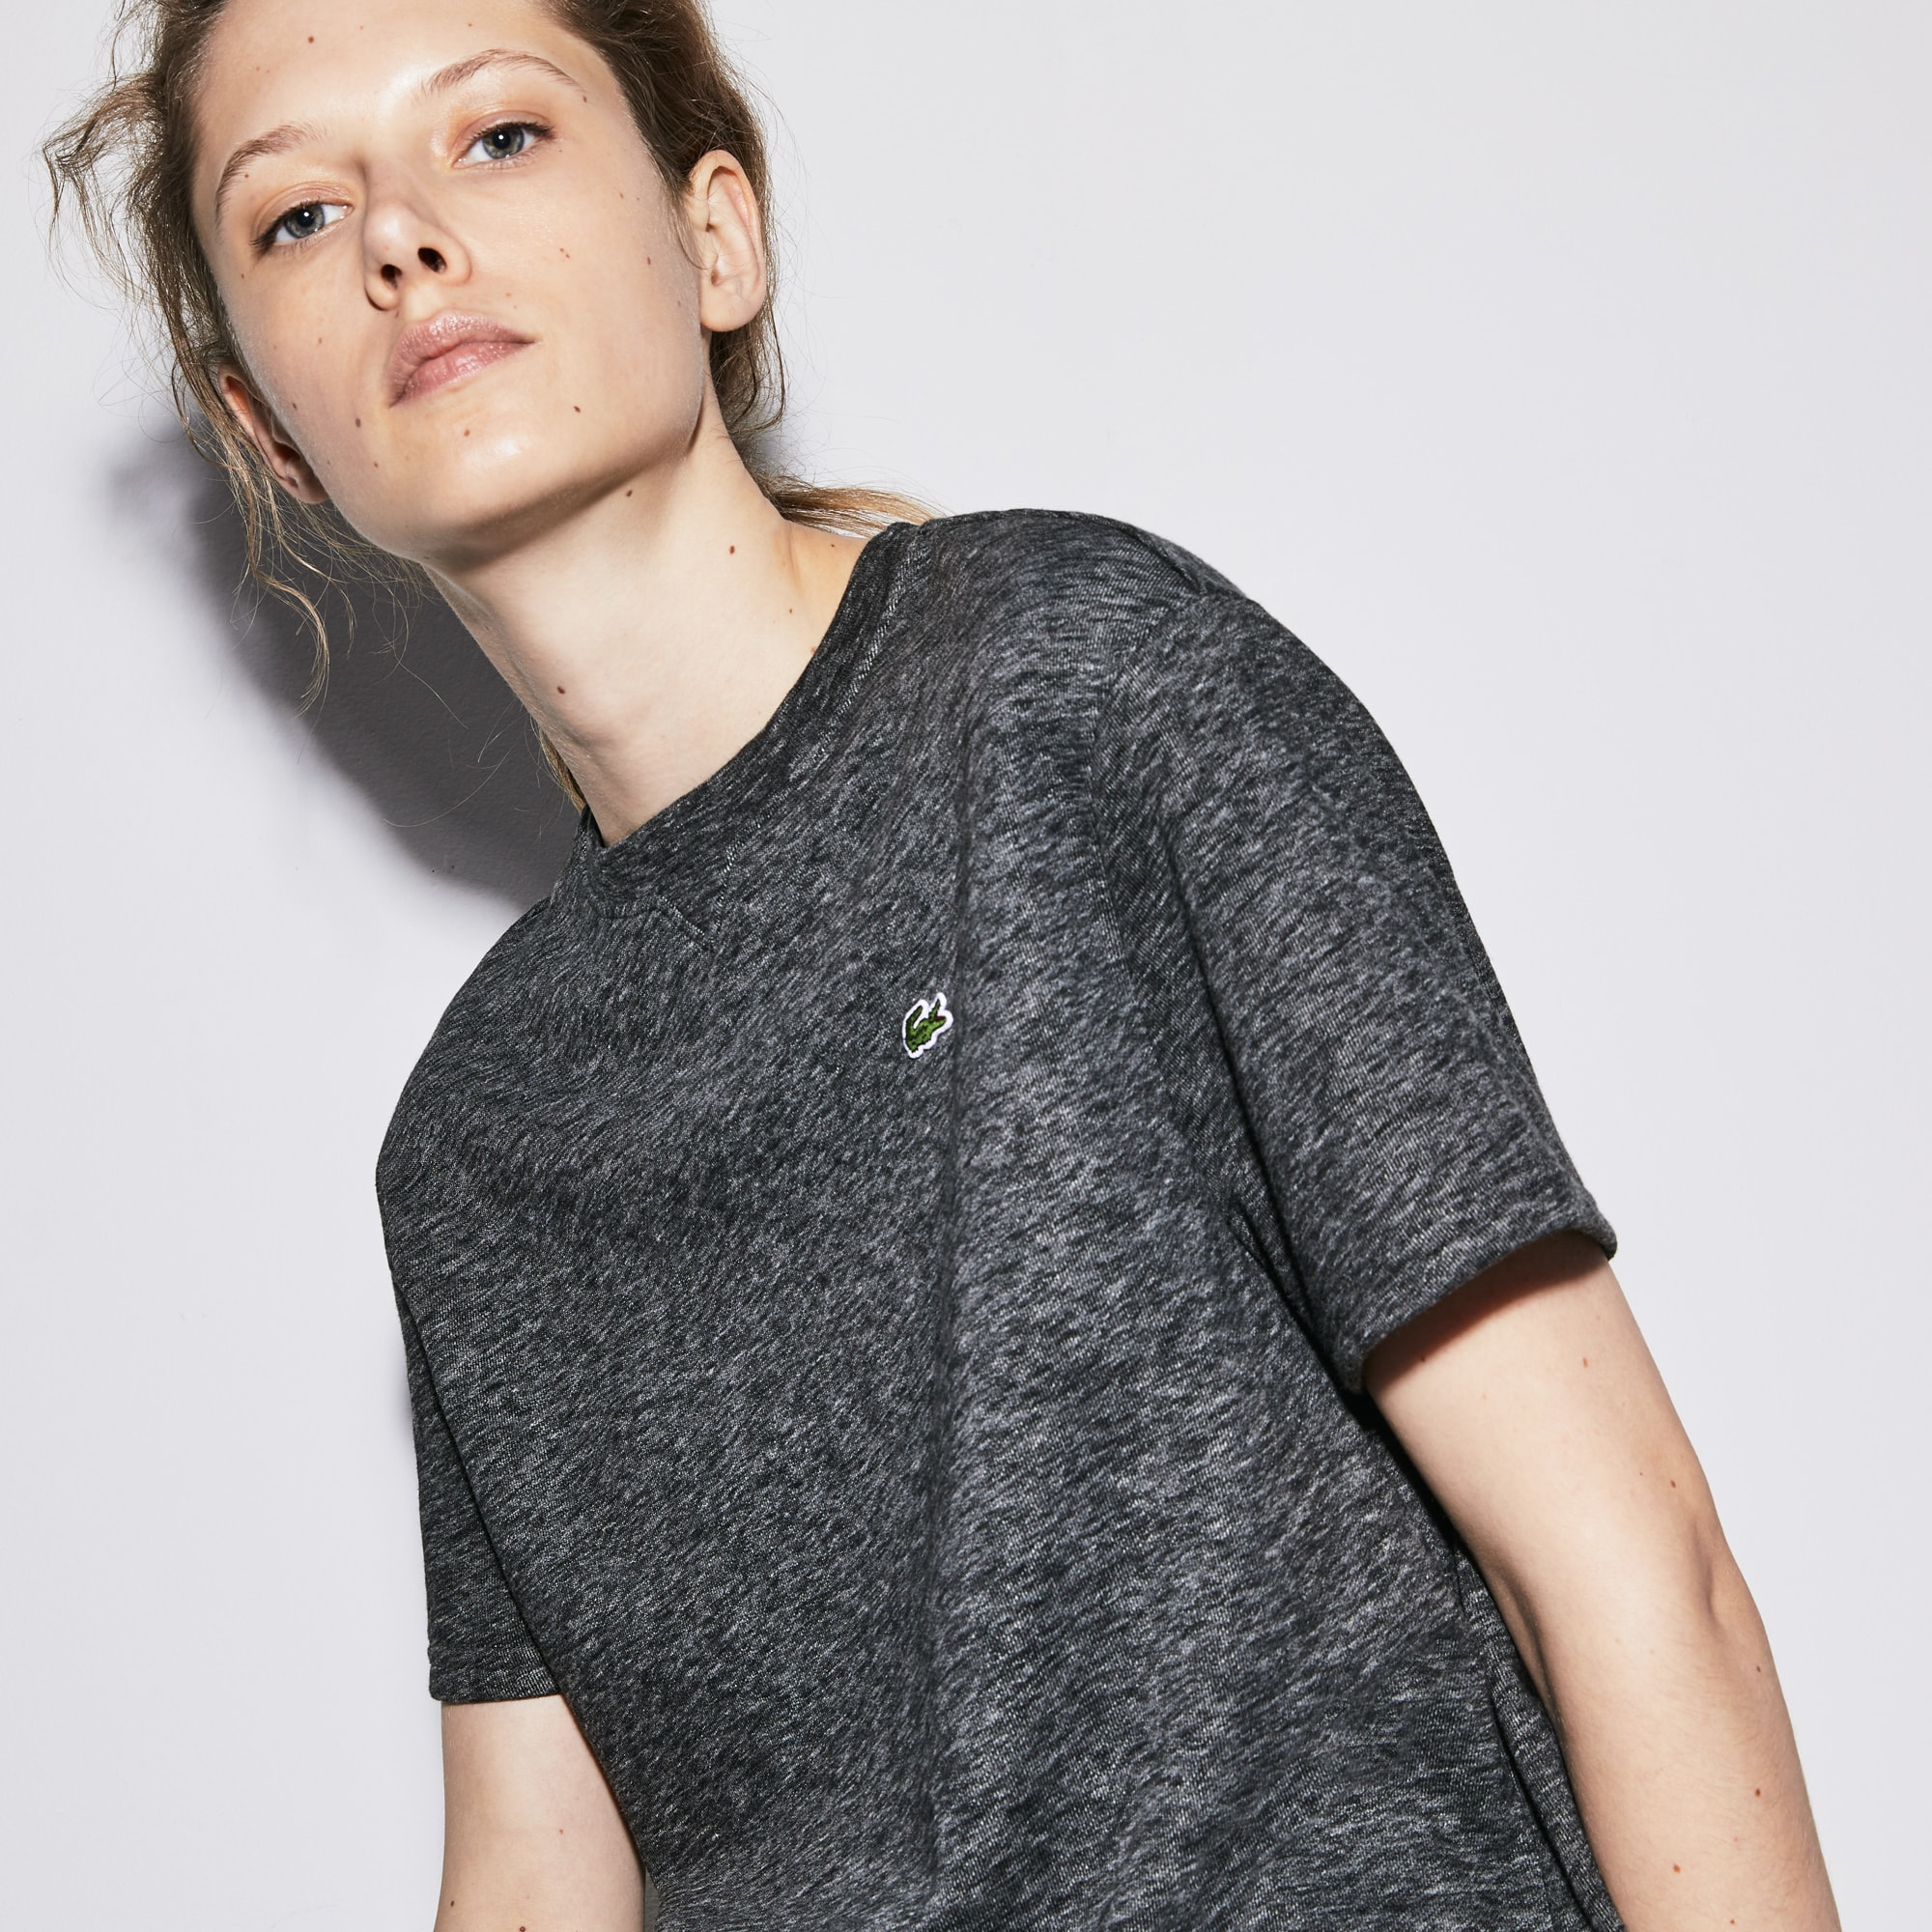 Women's Lacoste SPORT Fleece Tennis Sweatshirt